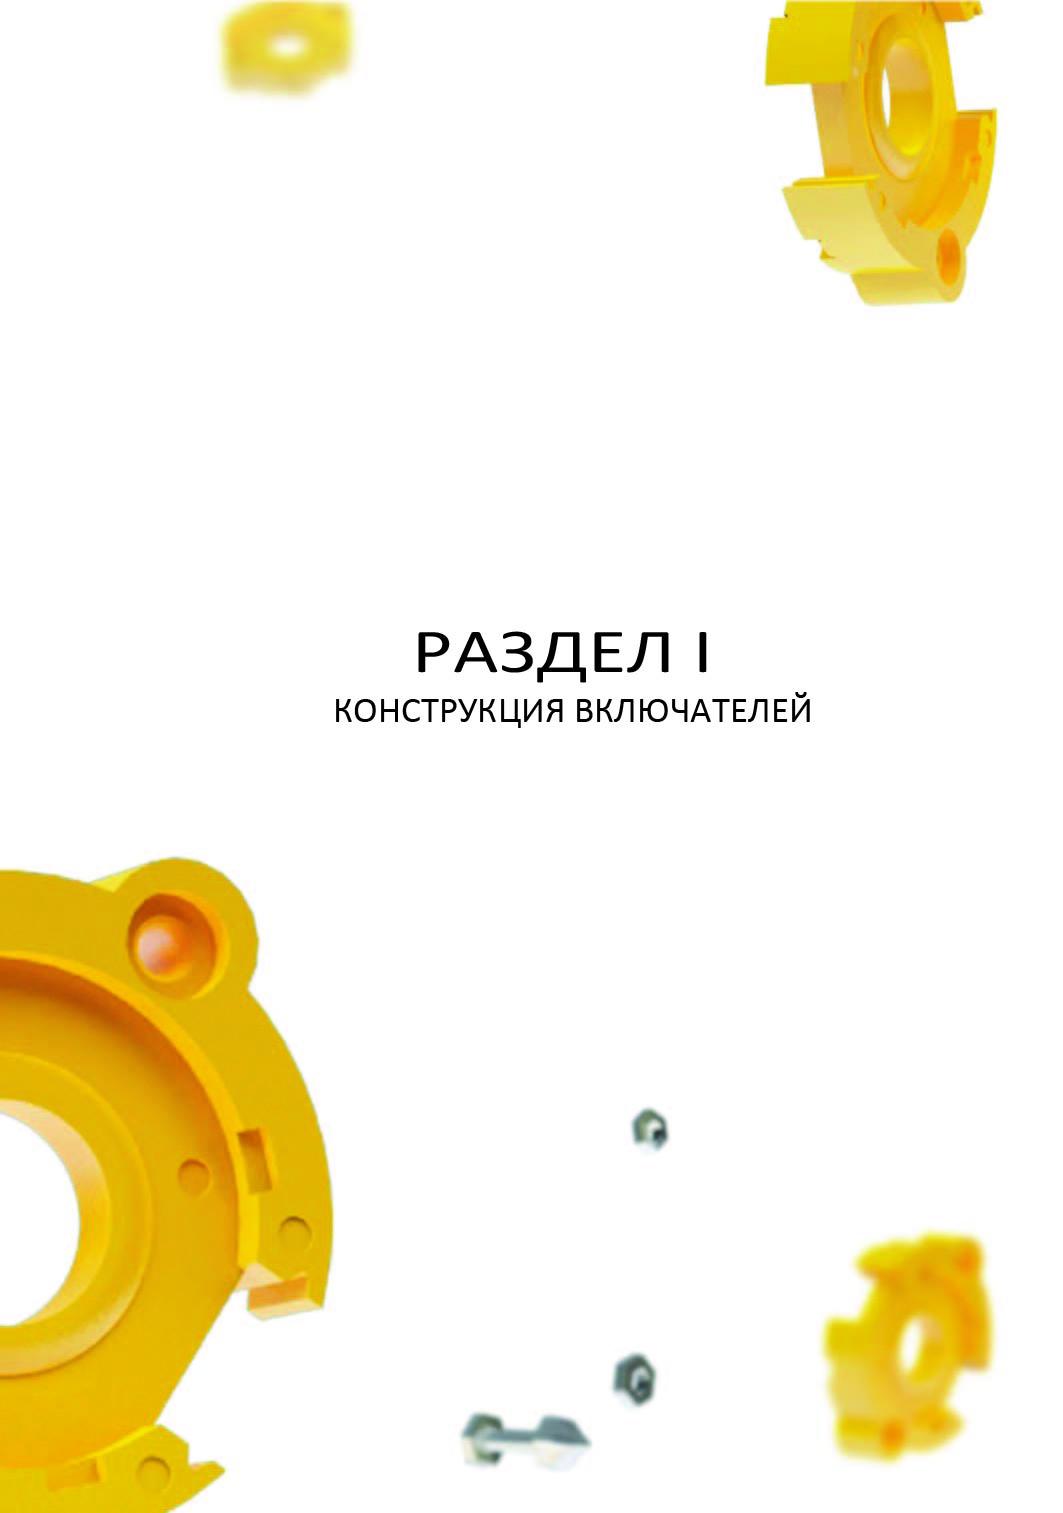 GOTOWY_KATALOG_RUS_v2-07